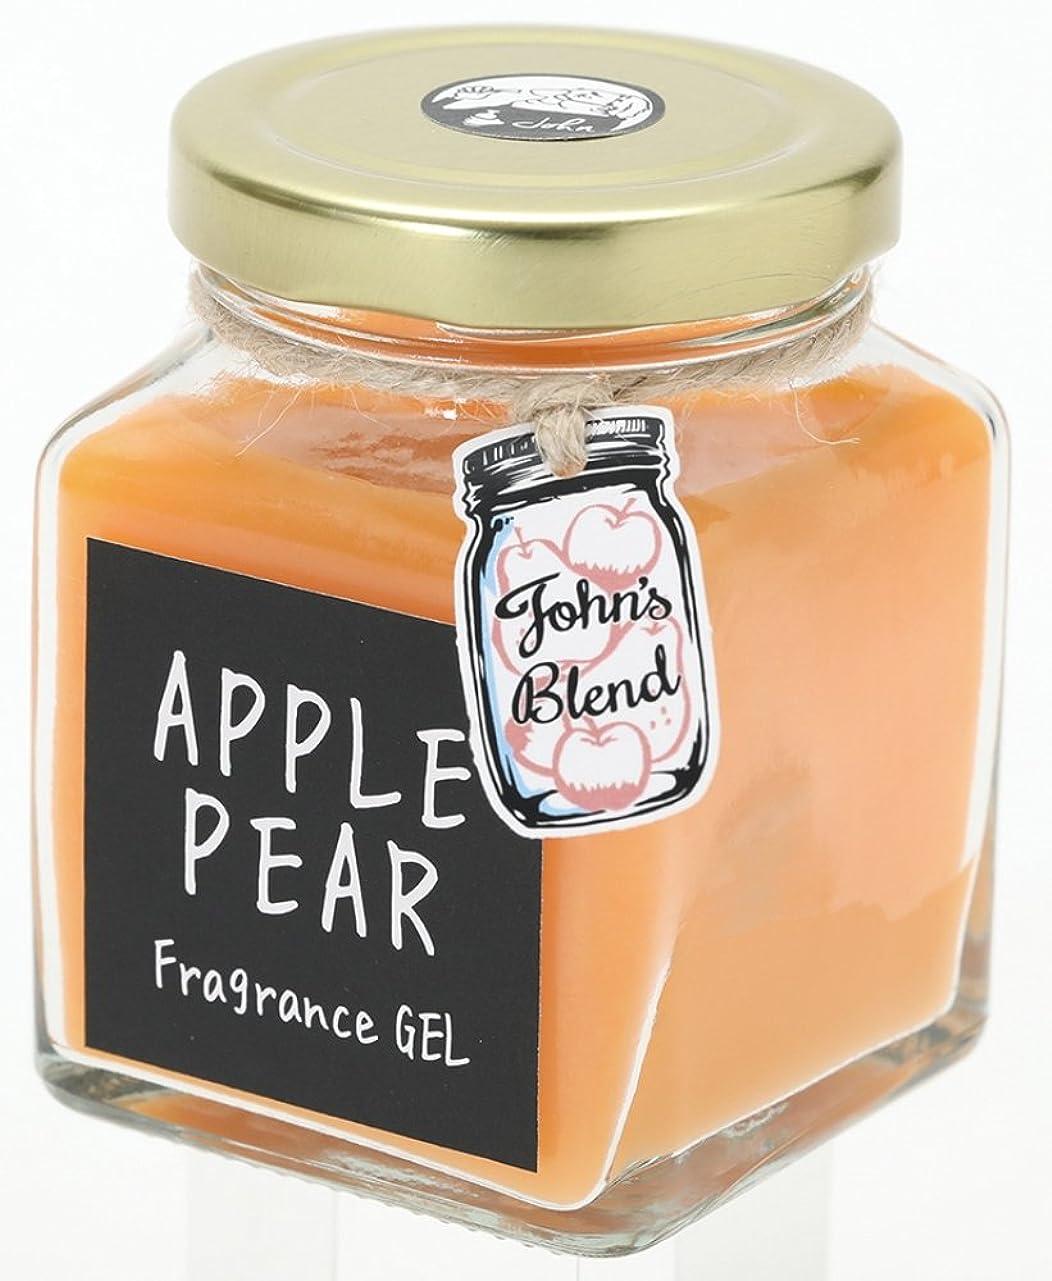 本気派生する側ノルコーポレーション John's Blend ルームフレグランス フレグランスジェル OA-JON-4-4 アップルペアーの香り 135g